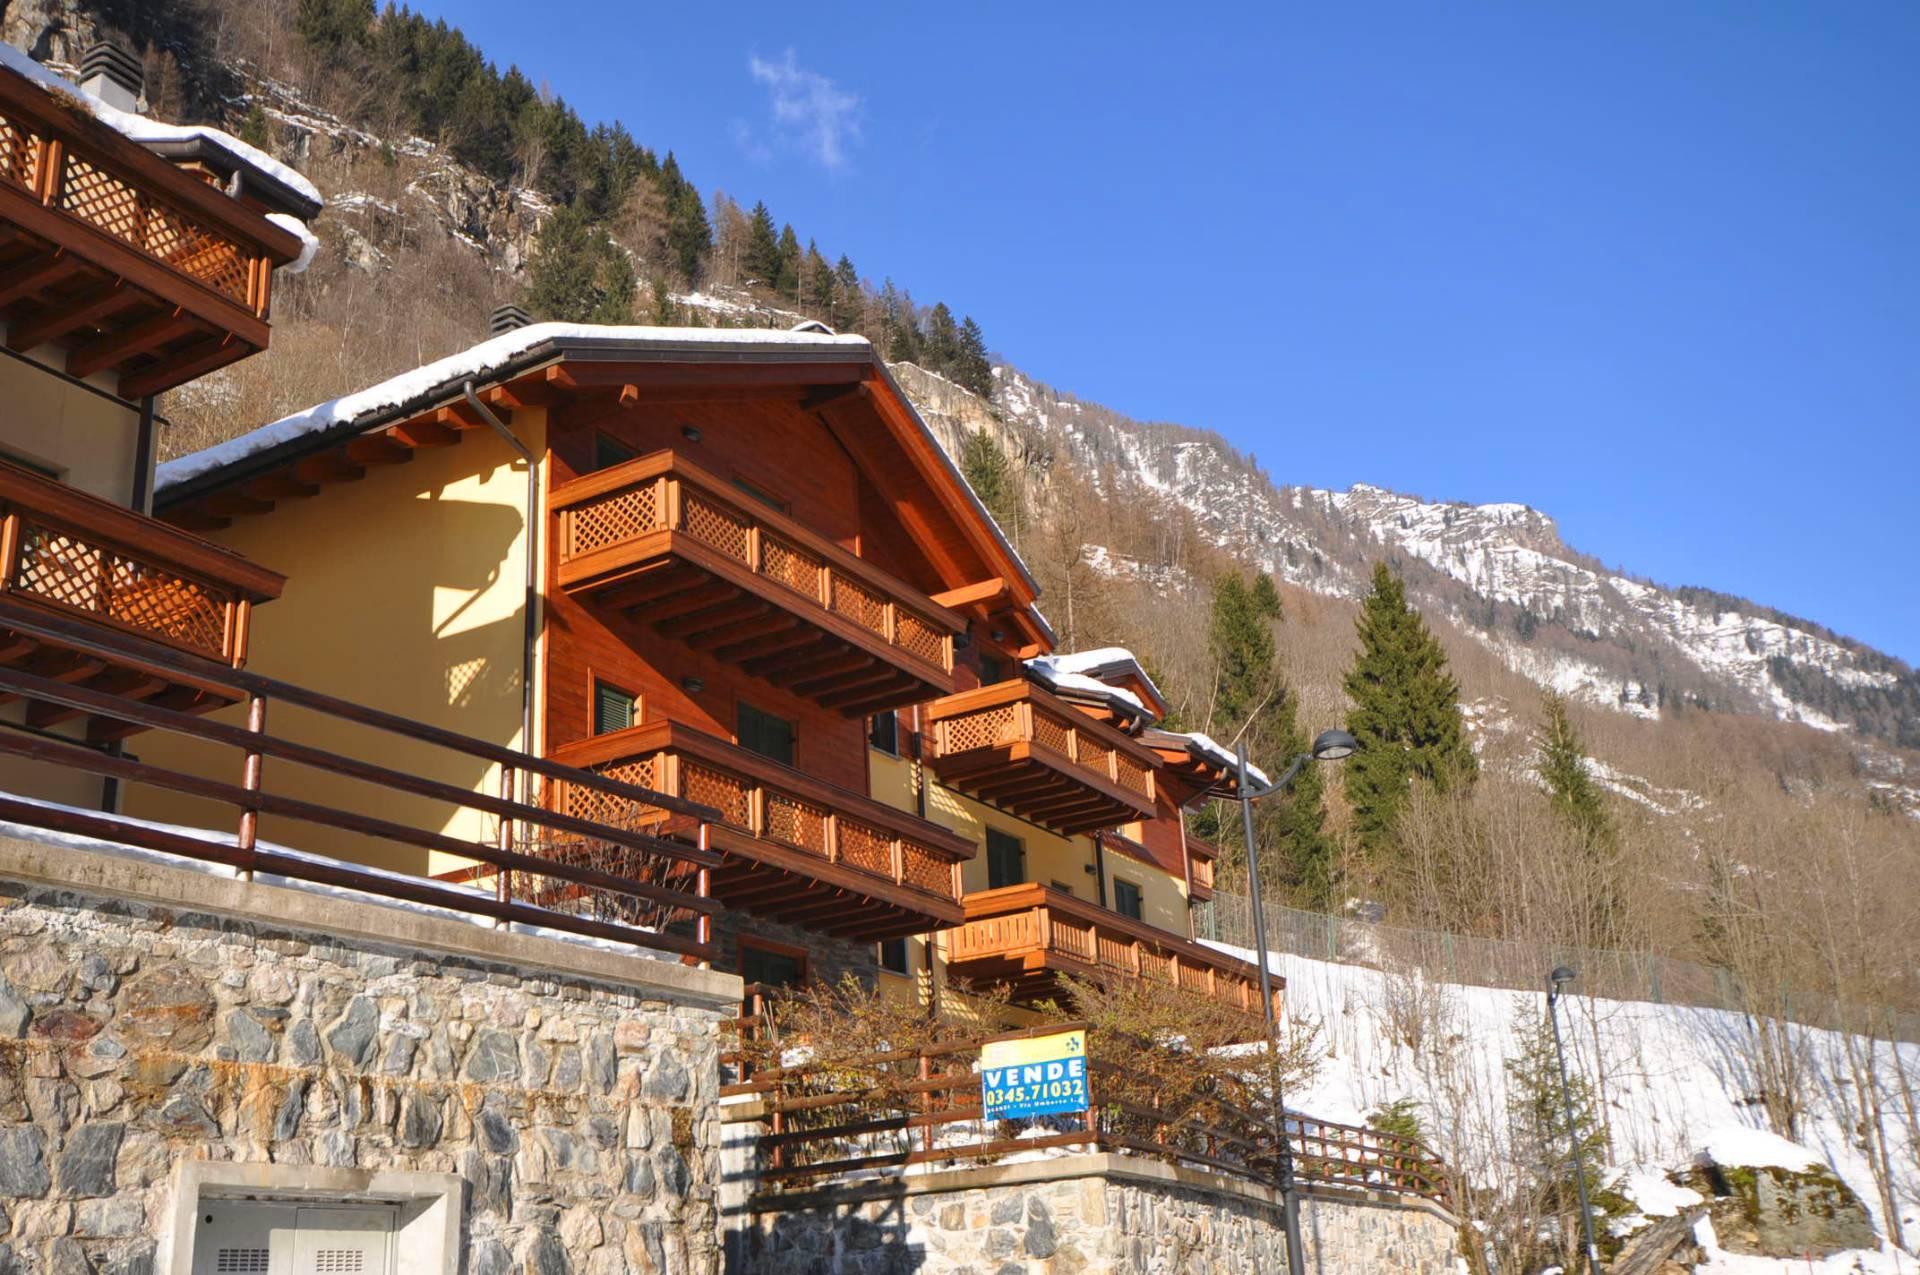 Villa in vendita a Carona, 3 locali, Trattative riservate | CambioCasa.it